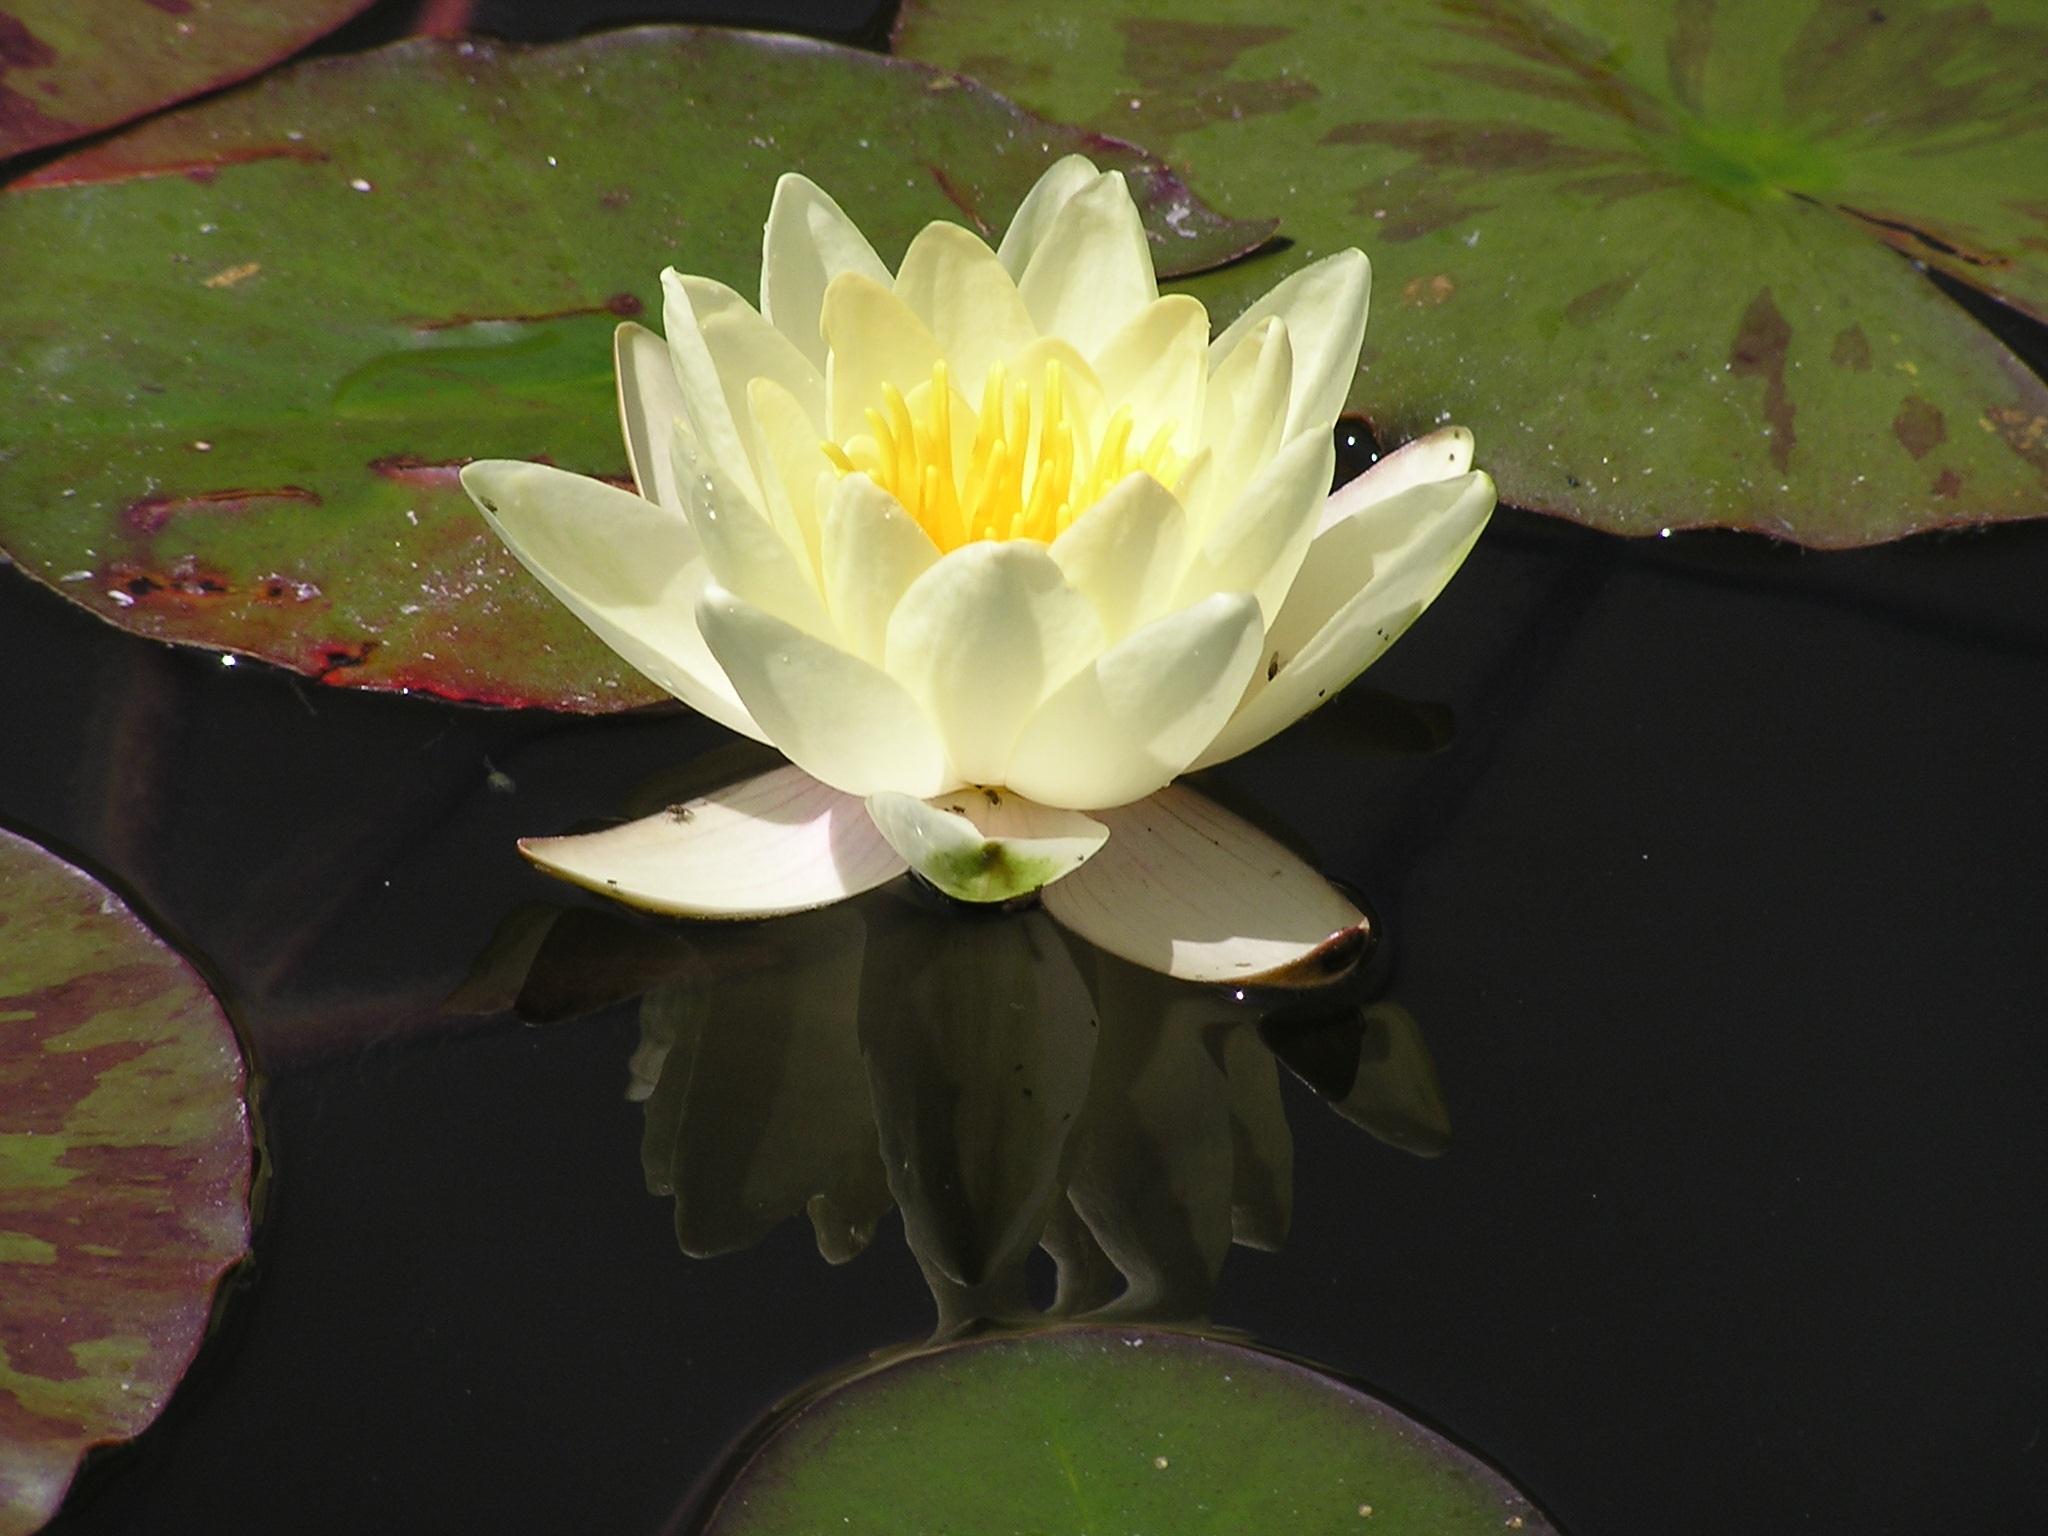 Free Images Blossom Leaf Flower Petal Pond Green Reflection